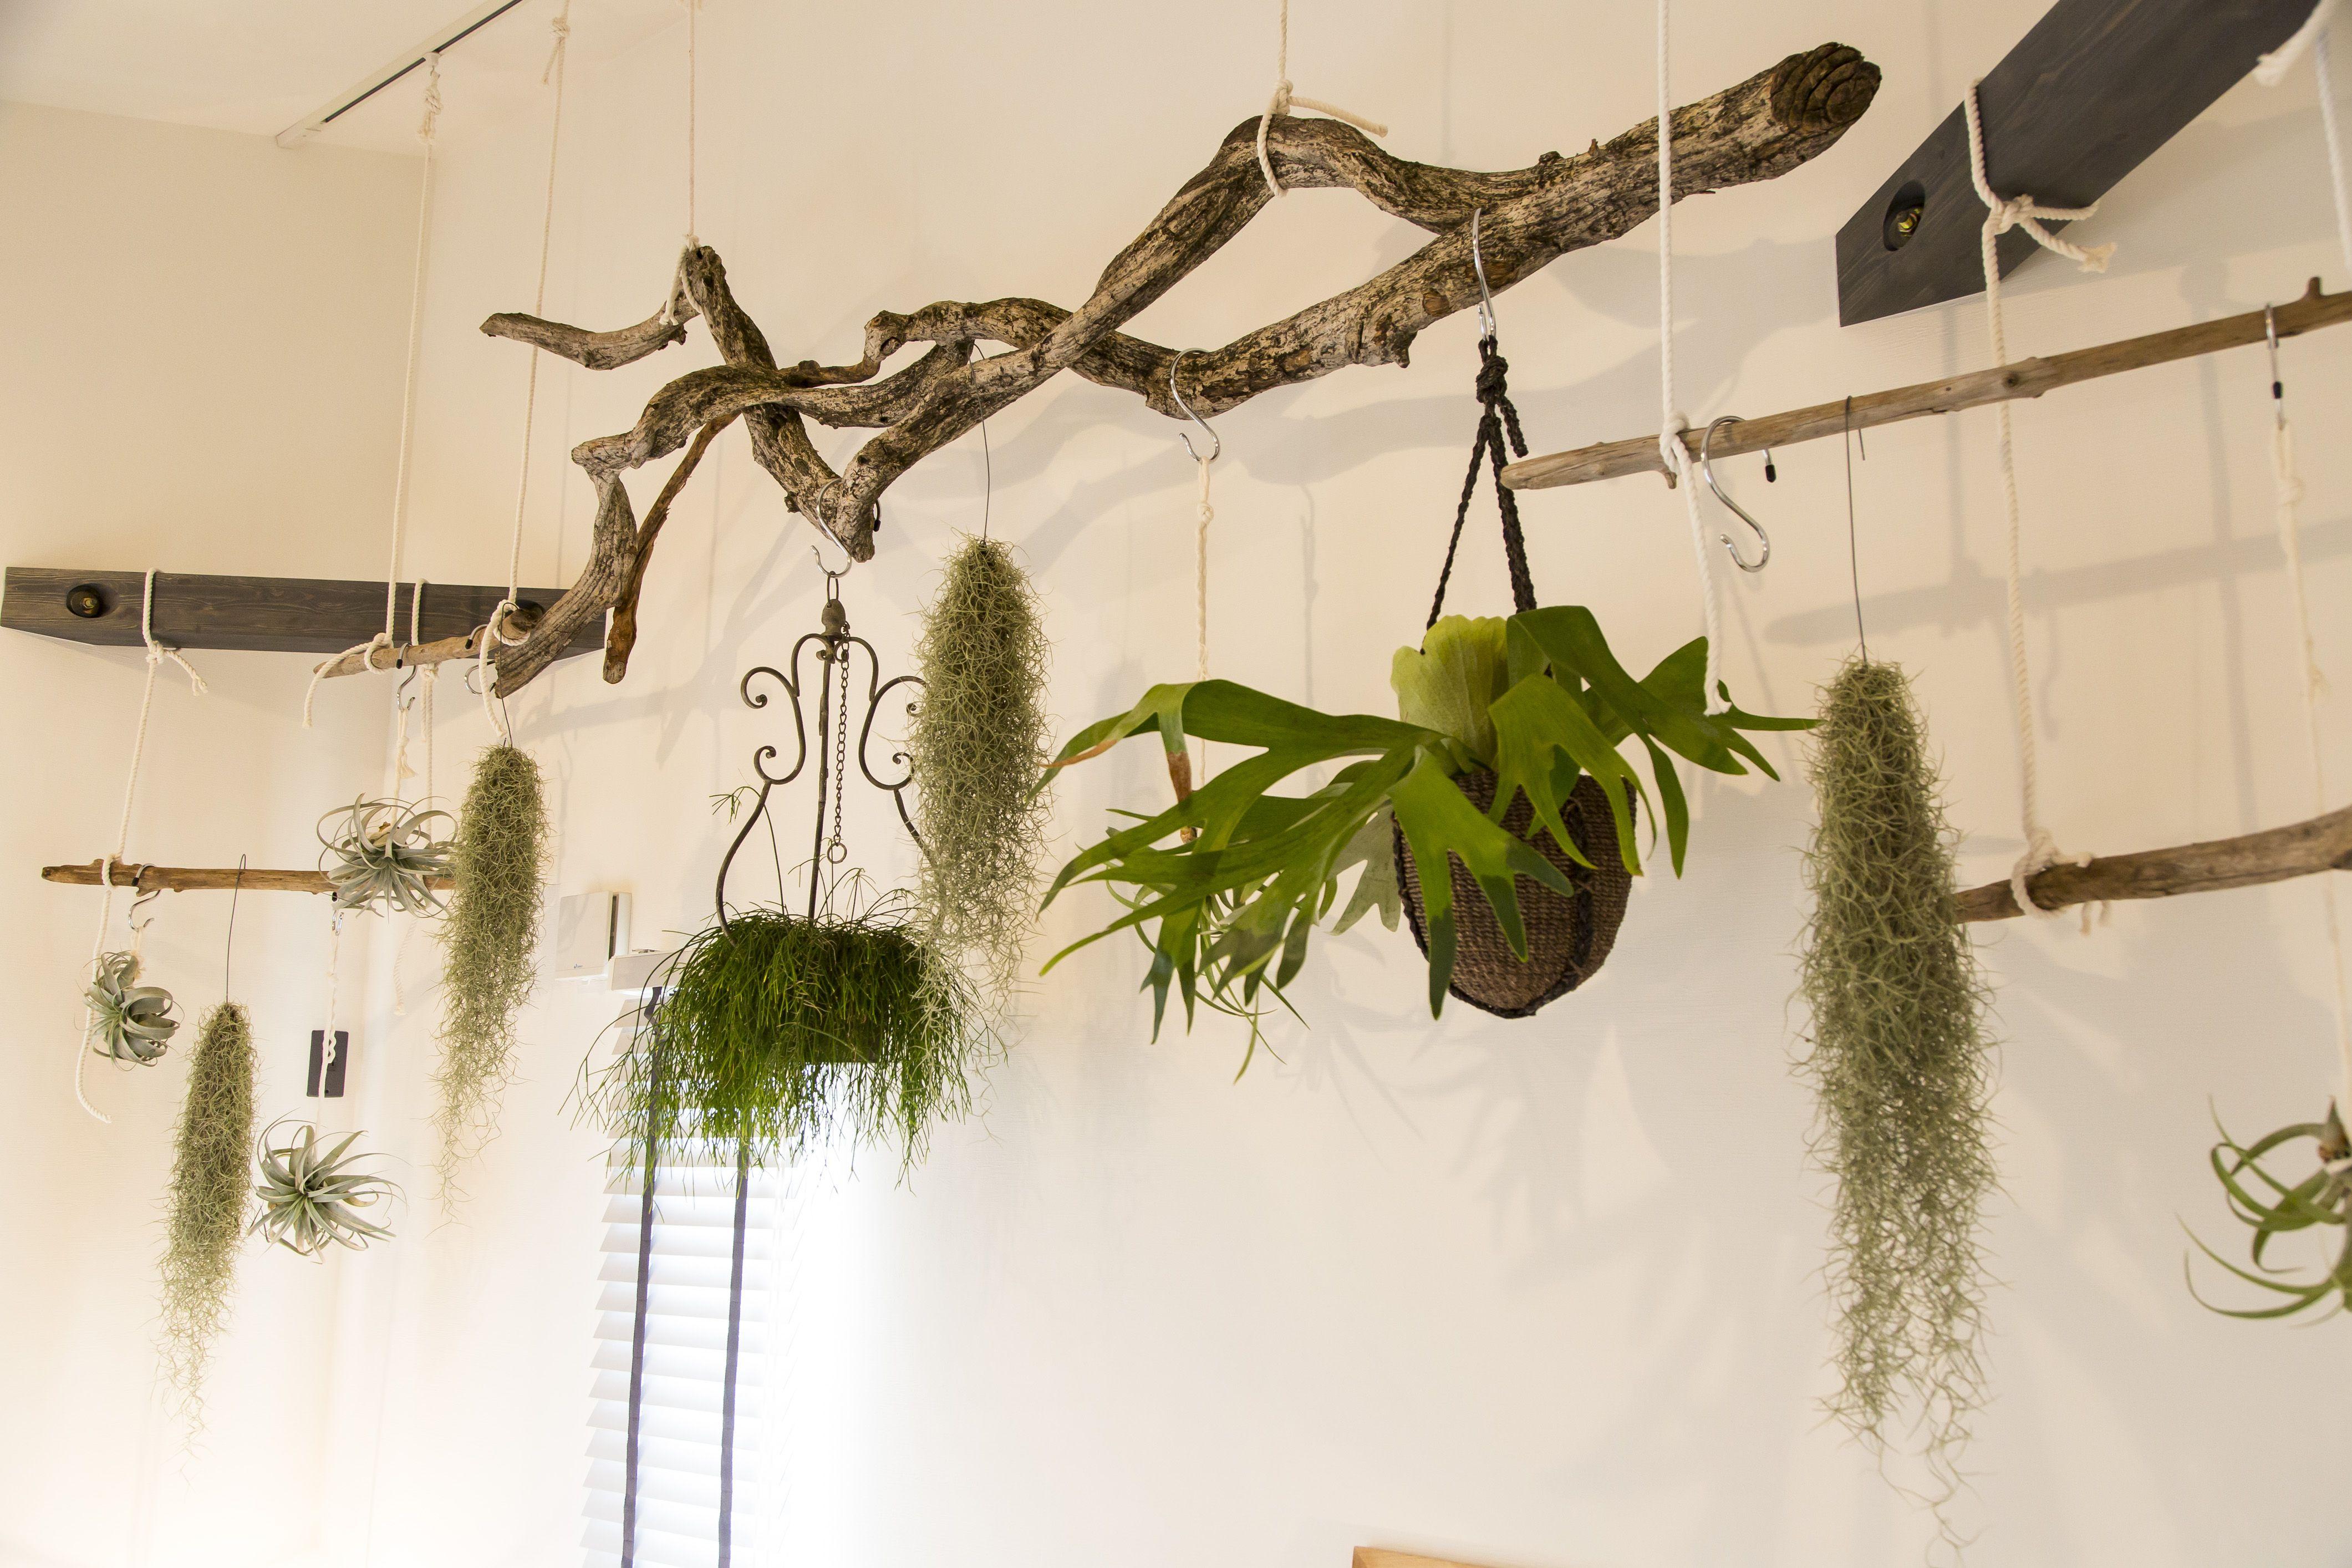 流木インテリア エアープランツ 観葉植物 インテリア実例 Bino播磨